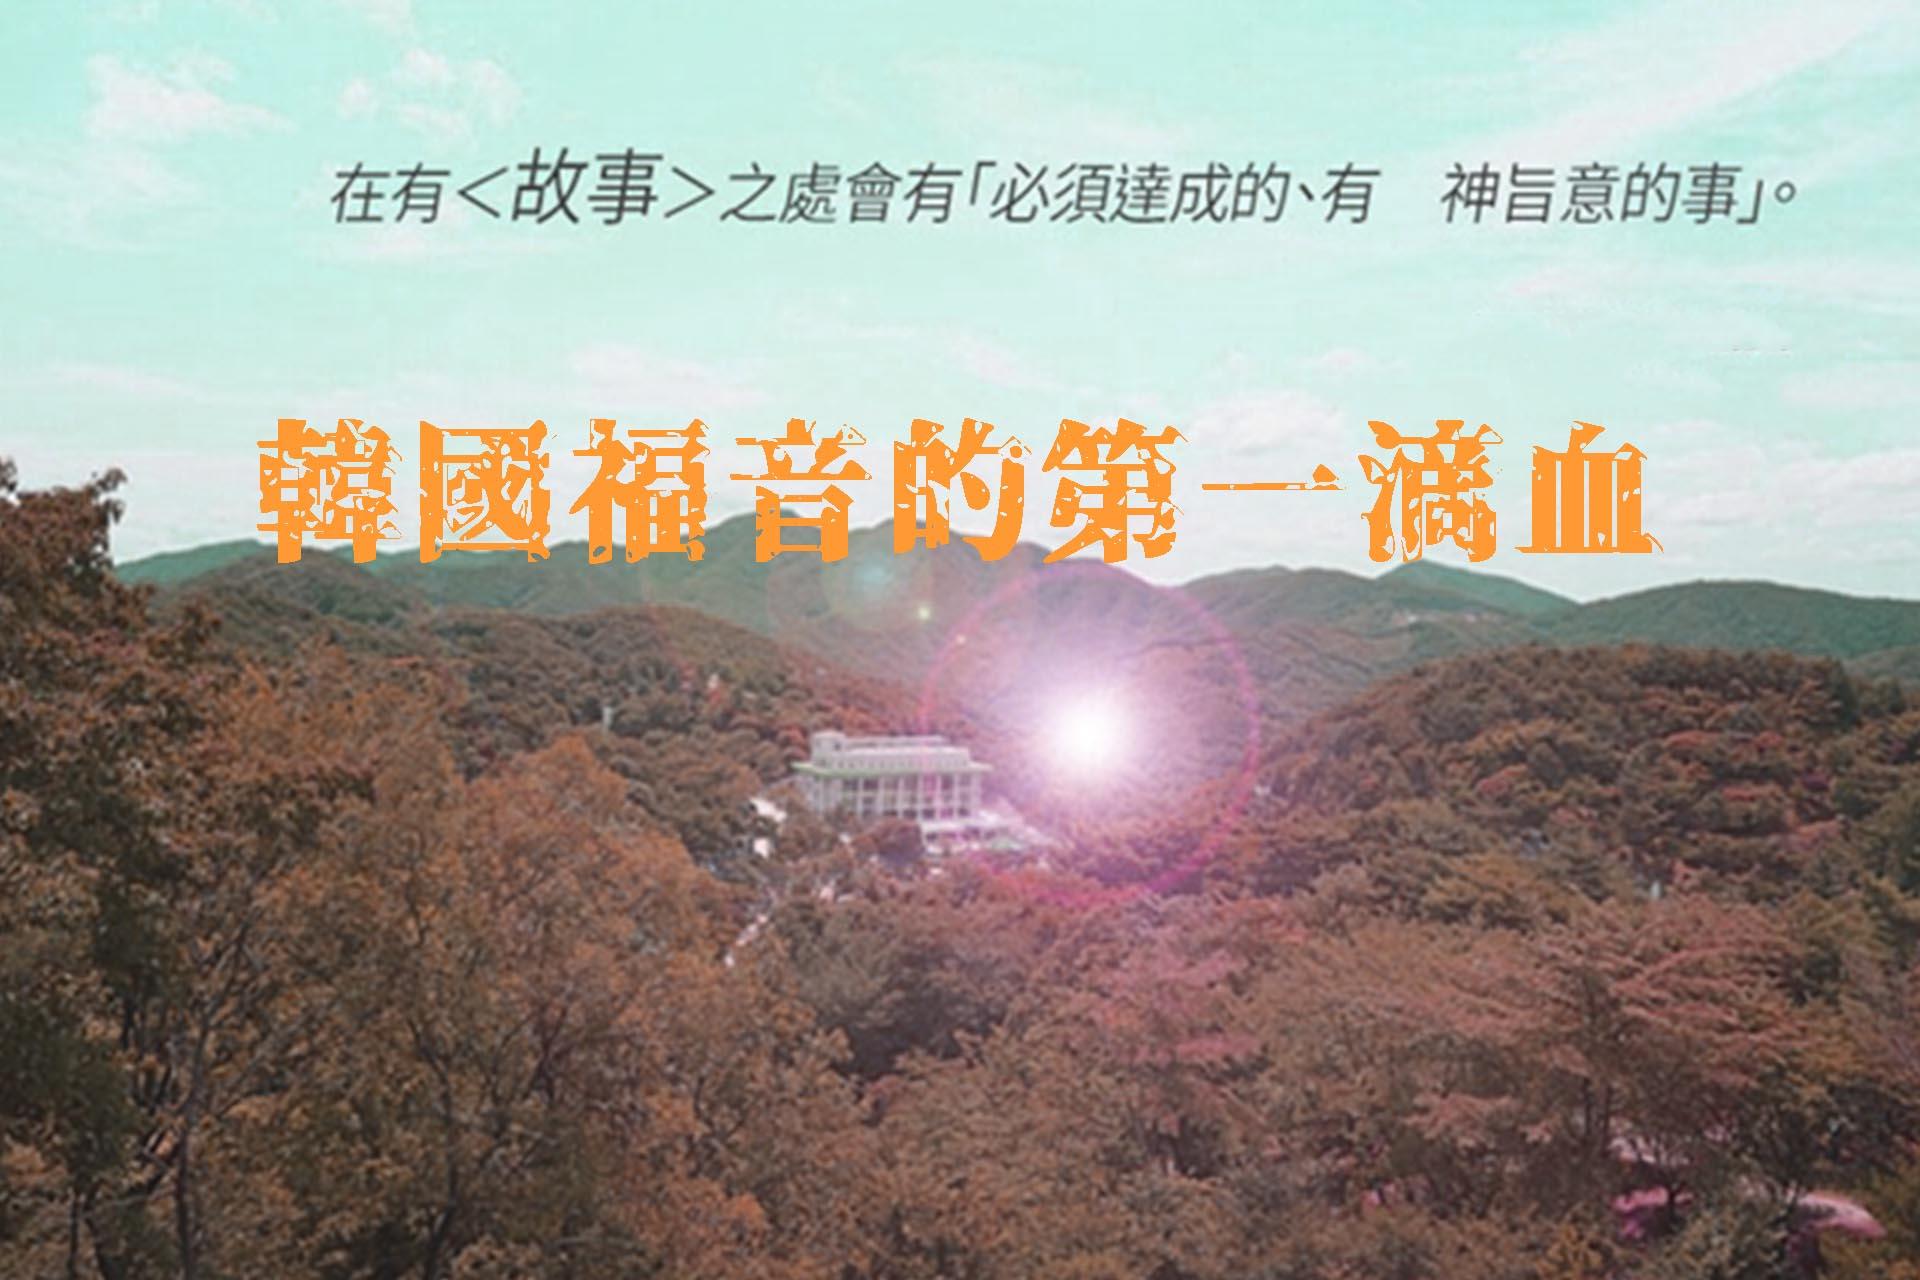 [攝理]韓國福音的第一滴血:主動尋找救援的民族